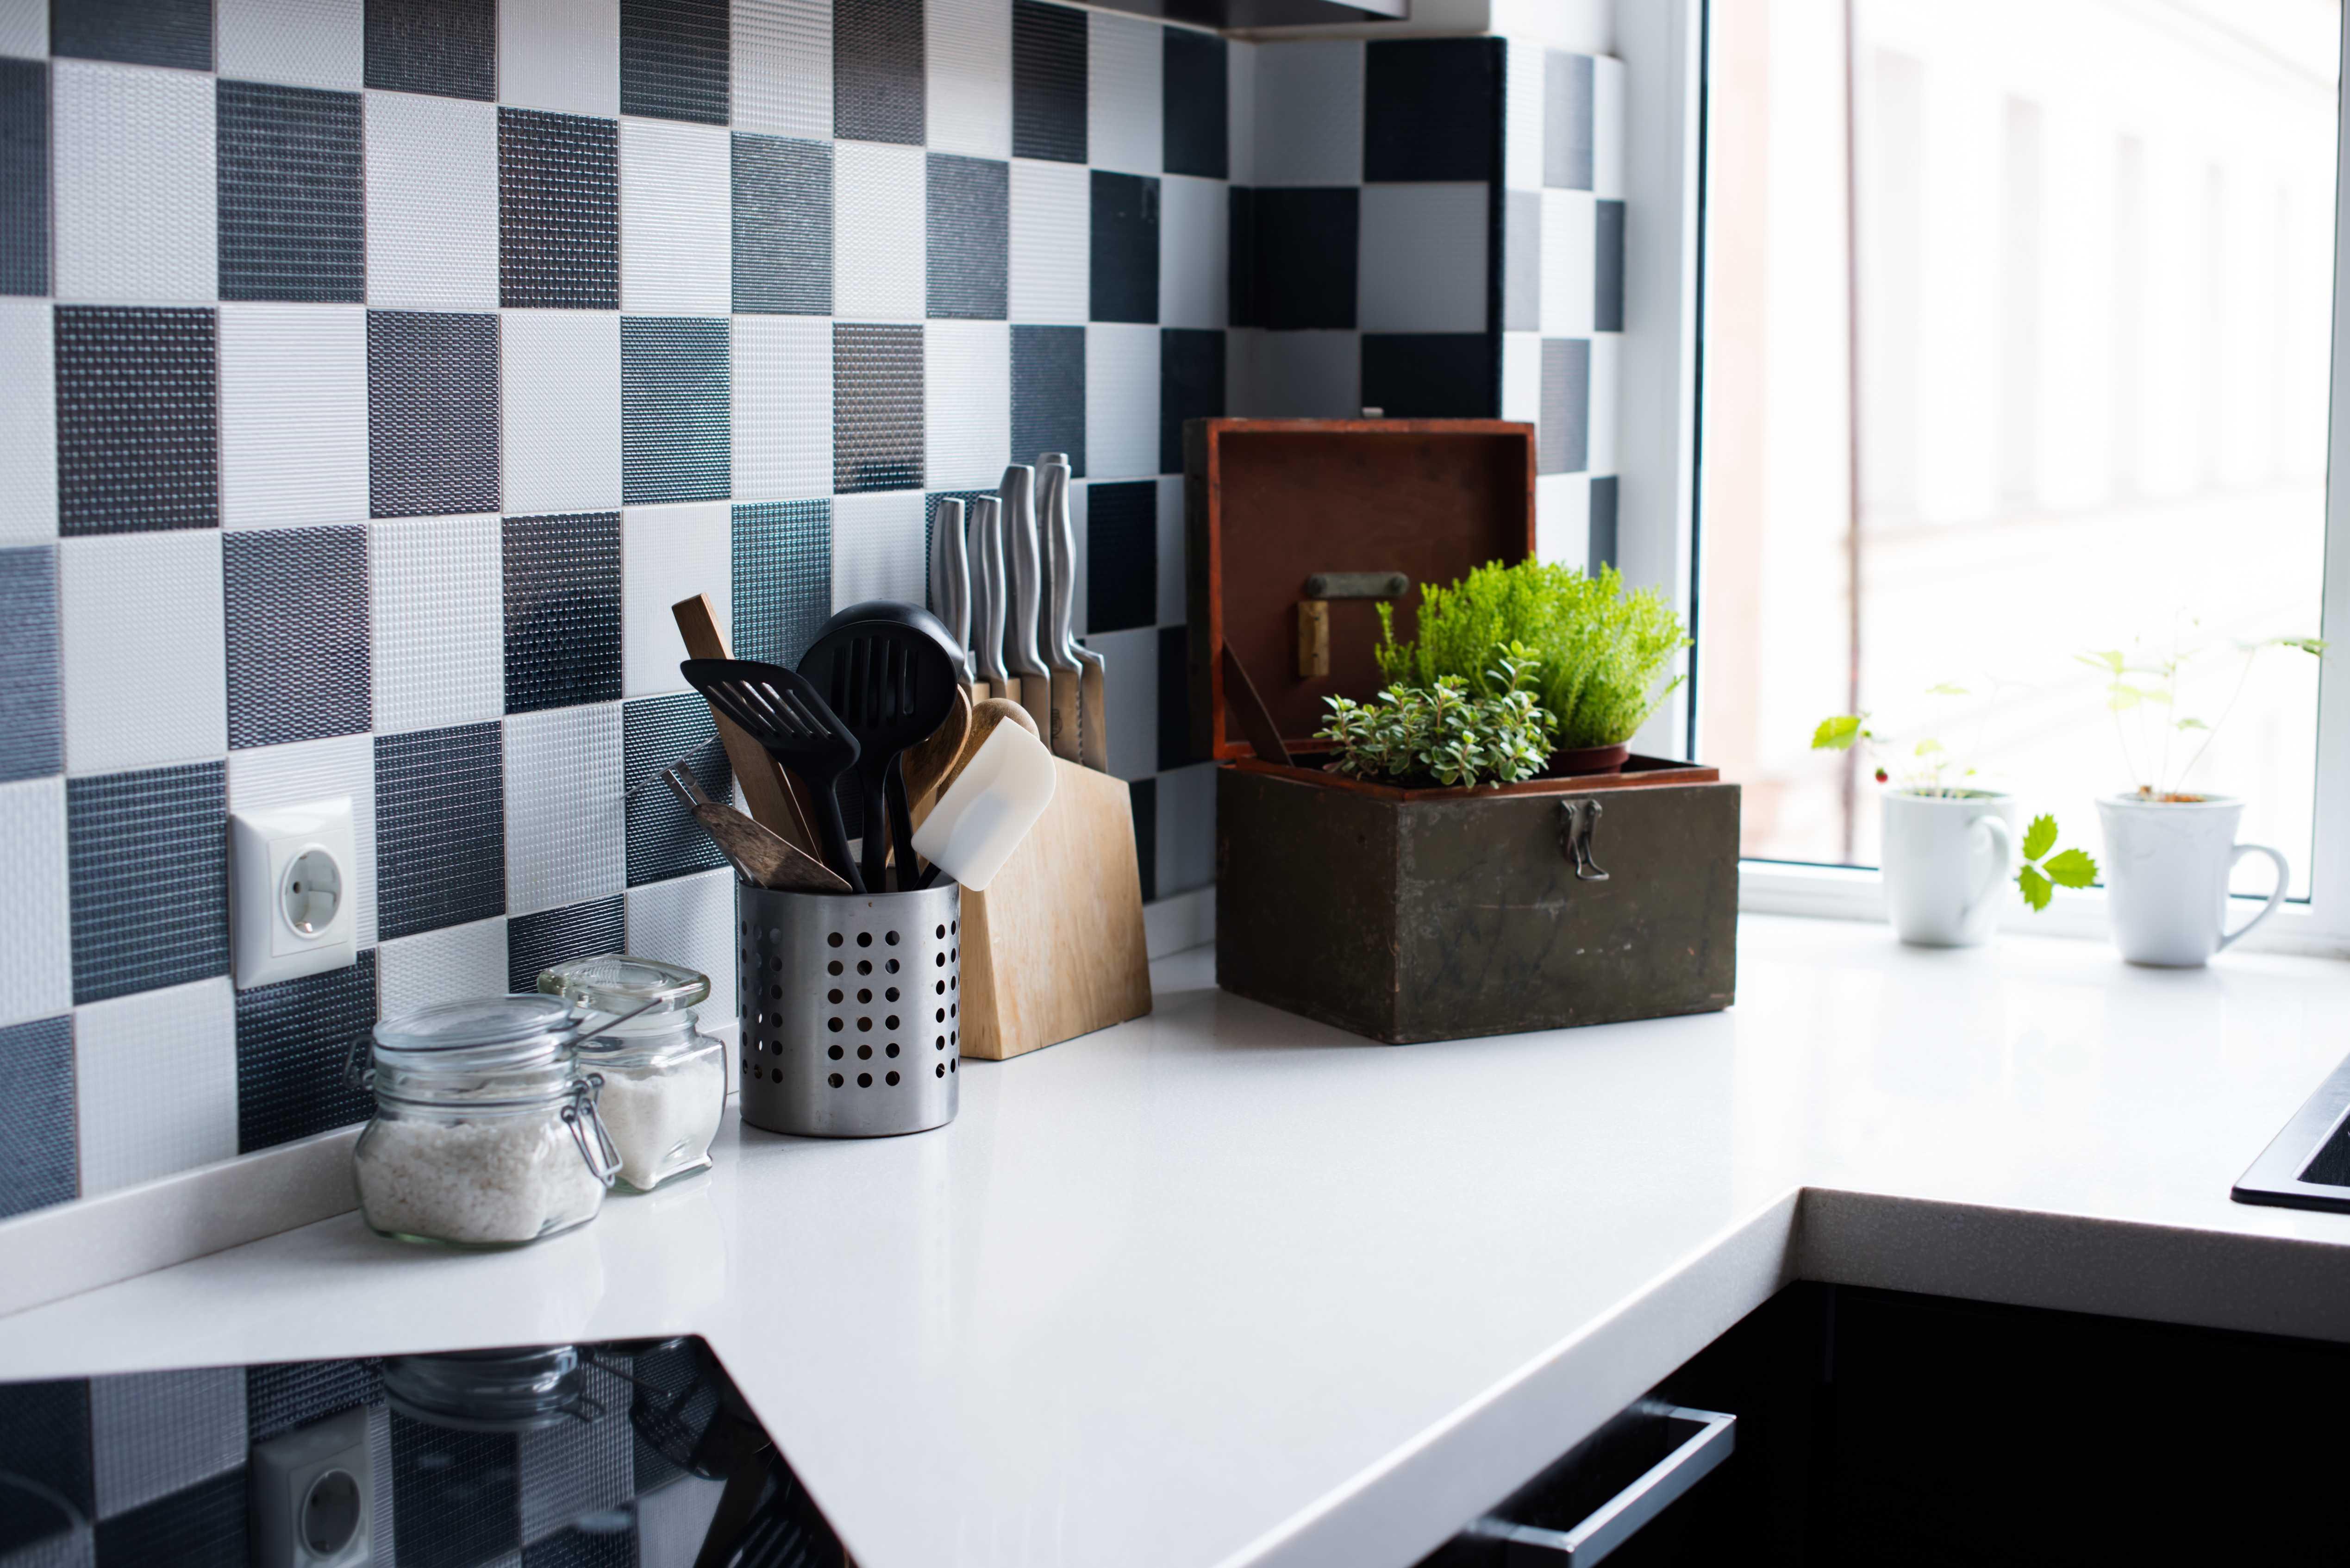 Ontspullen is de boodschap: 5 regels om je keuken rommelvrij te houden